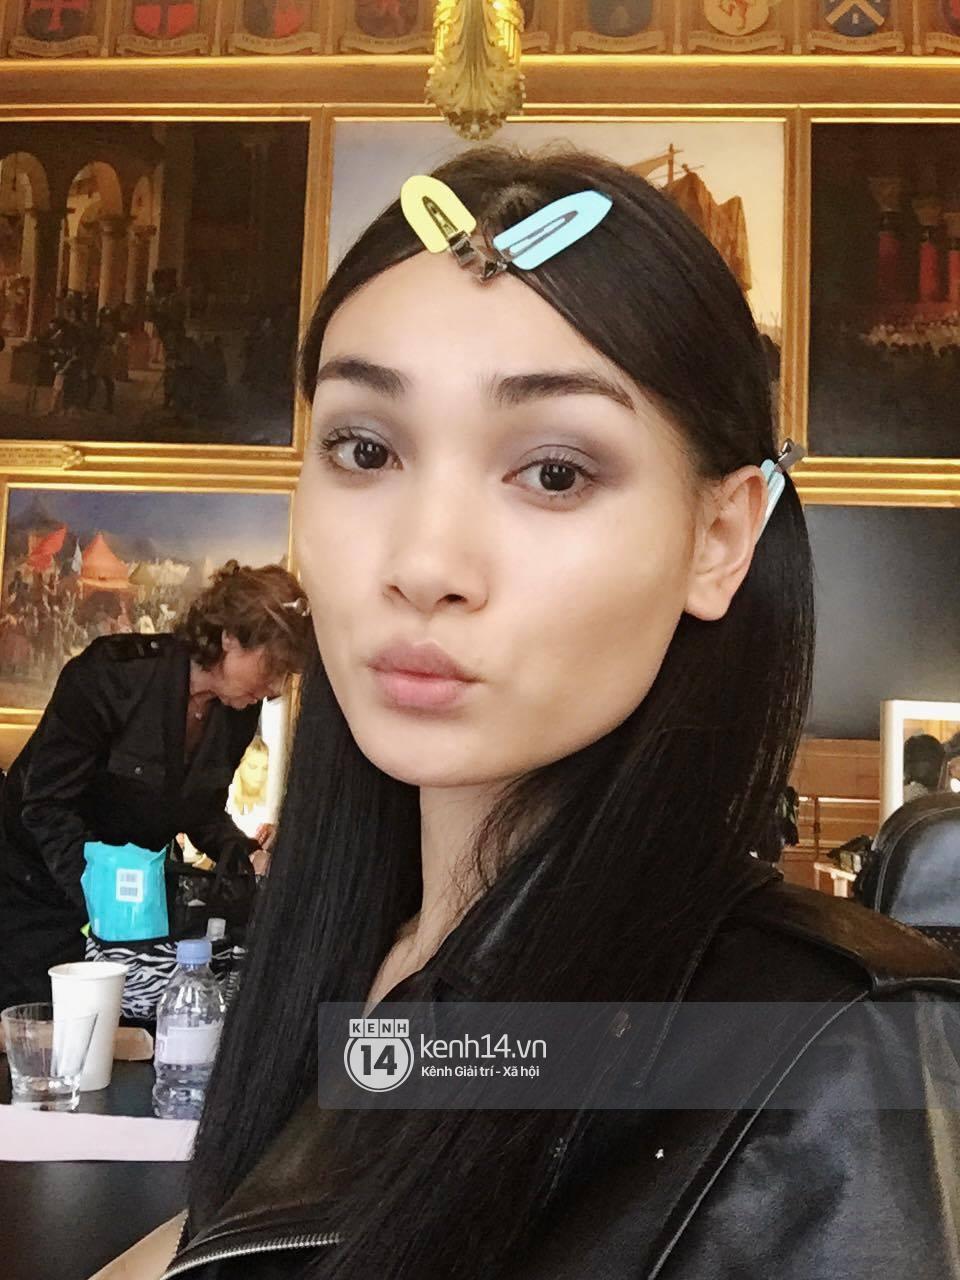 Độc quyền: Sau Louis Vuitton, Thùy Trang tiếp tục trình diễn cho private show của Chanel - Ảnh 8.